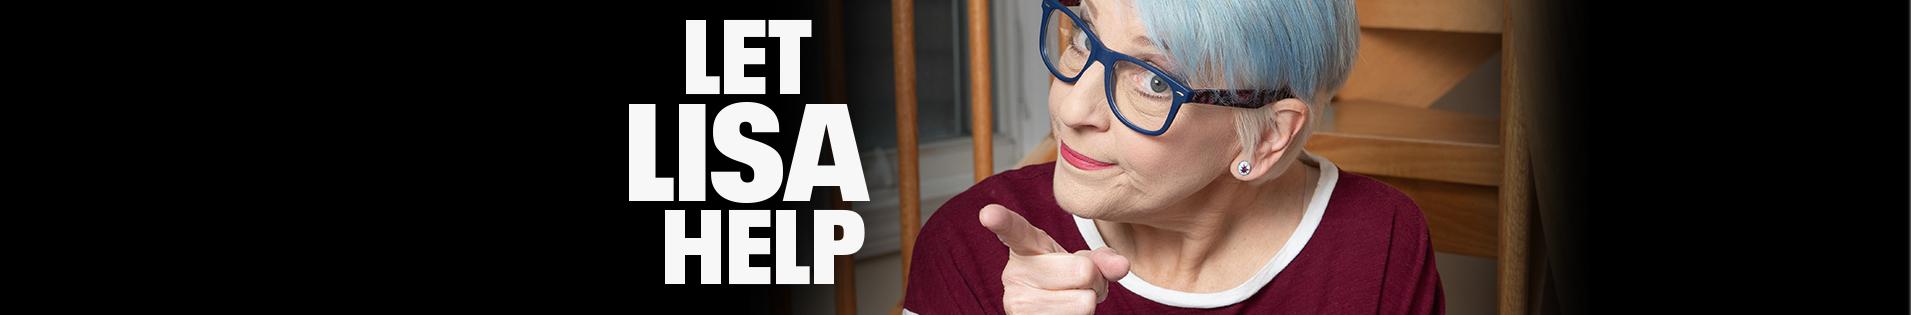 Let Lisa Help with Lisa Lampanelli